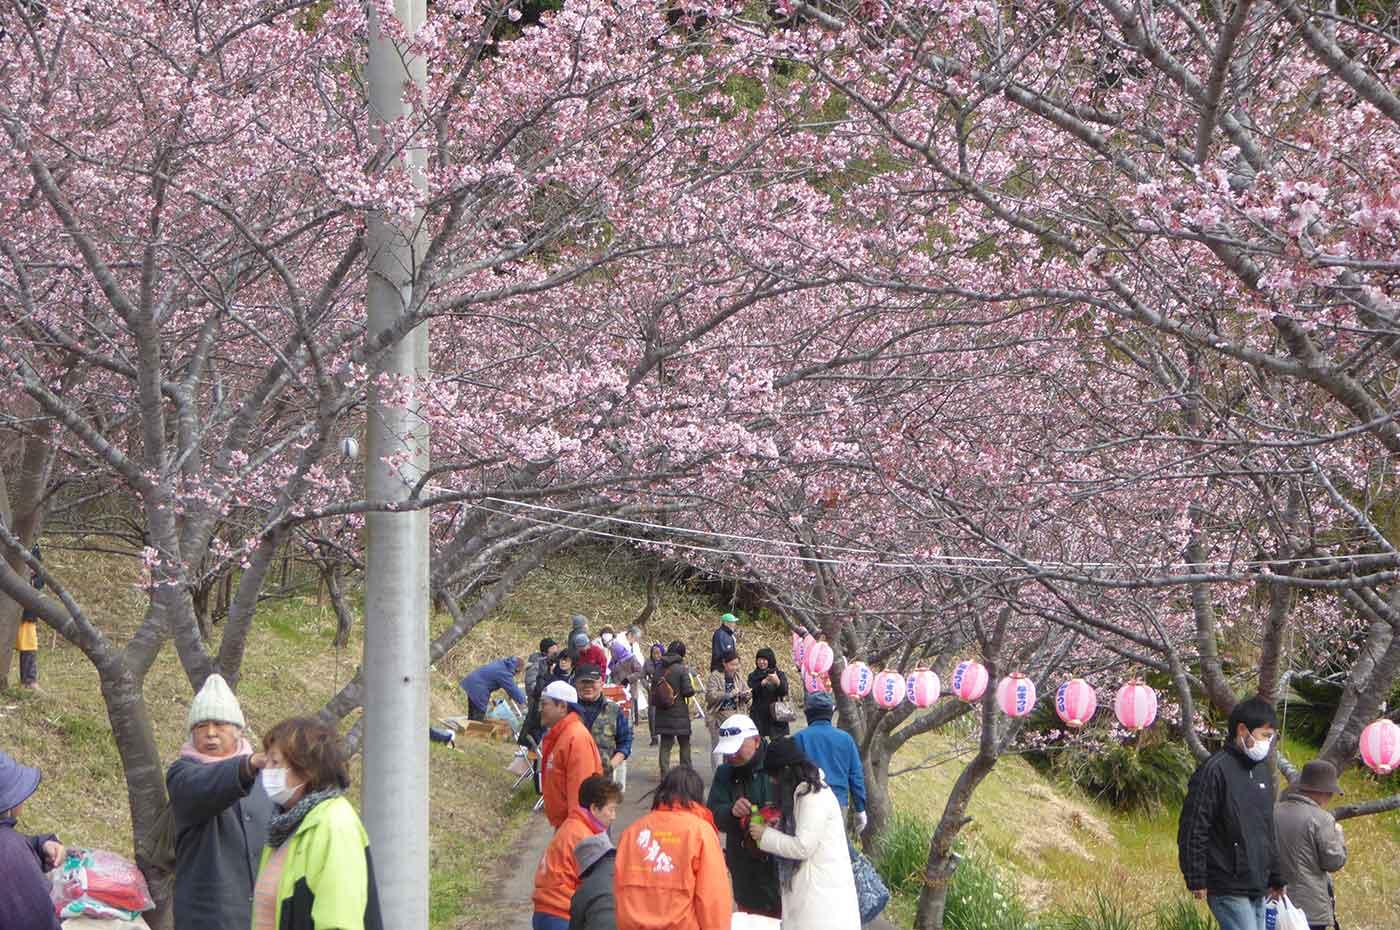 抱湖園の桜まつりの風景